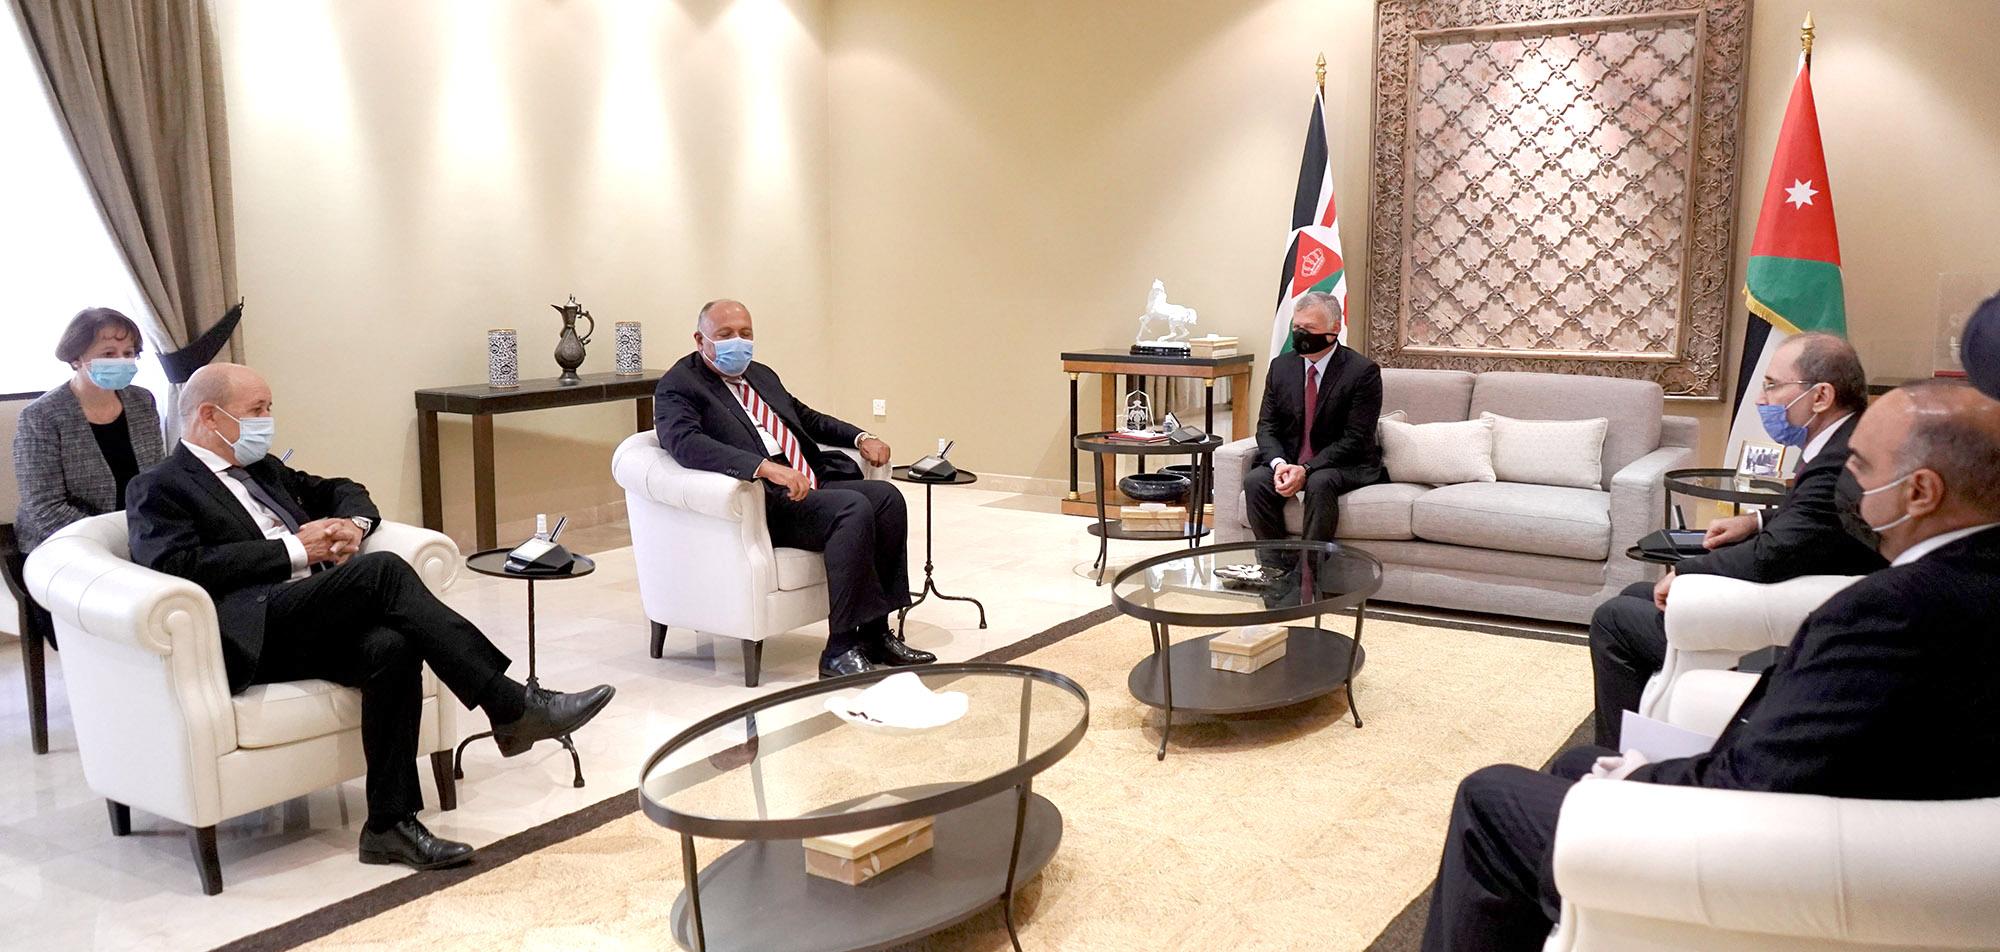 الملك يستقبل وزيري خارجية مصر وفرنسا والممثل الخاص للاتحاد الأوروبي لعملية السلام في الشرق الأوسط